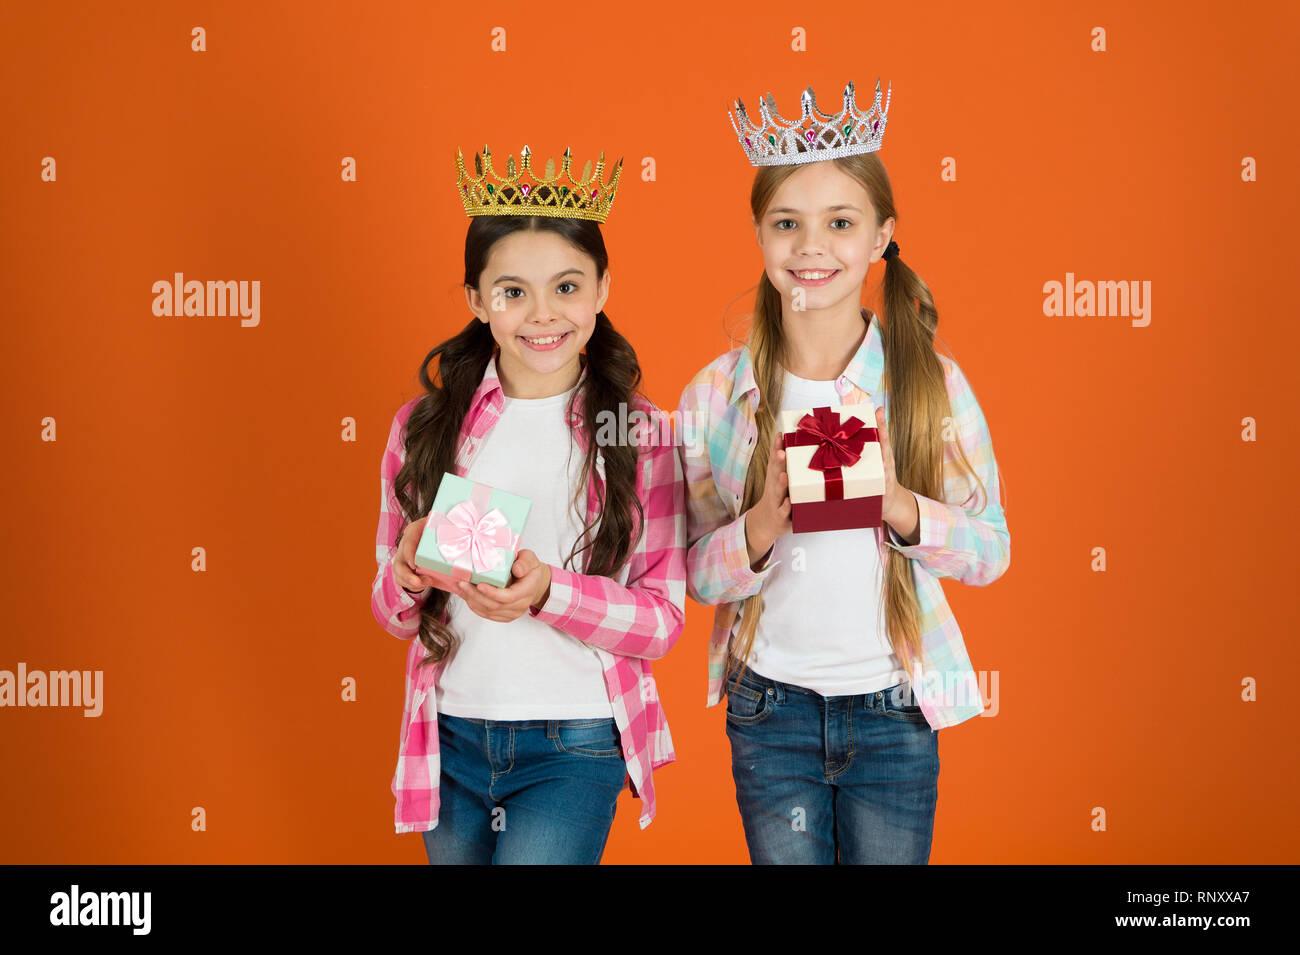 Princesa egocéntrica. Los niños usen coronas de oro símbolo princesa. Toda chica sueña con convertirse en princesa. Pequeña princesa. Infancia feliz. Nos merecemos sólo lo mejor. Chicas usan coronas. Niños caprichosos concepto. Imagen De Stock